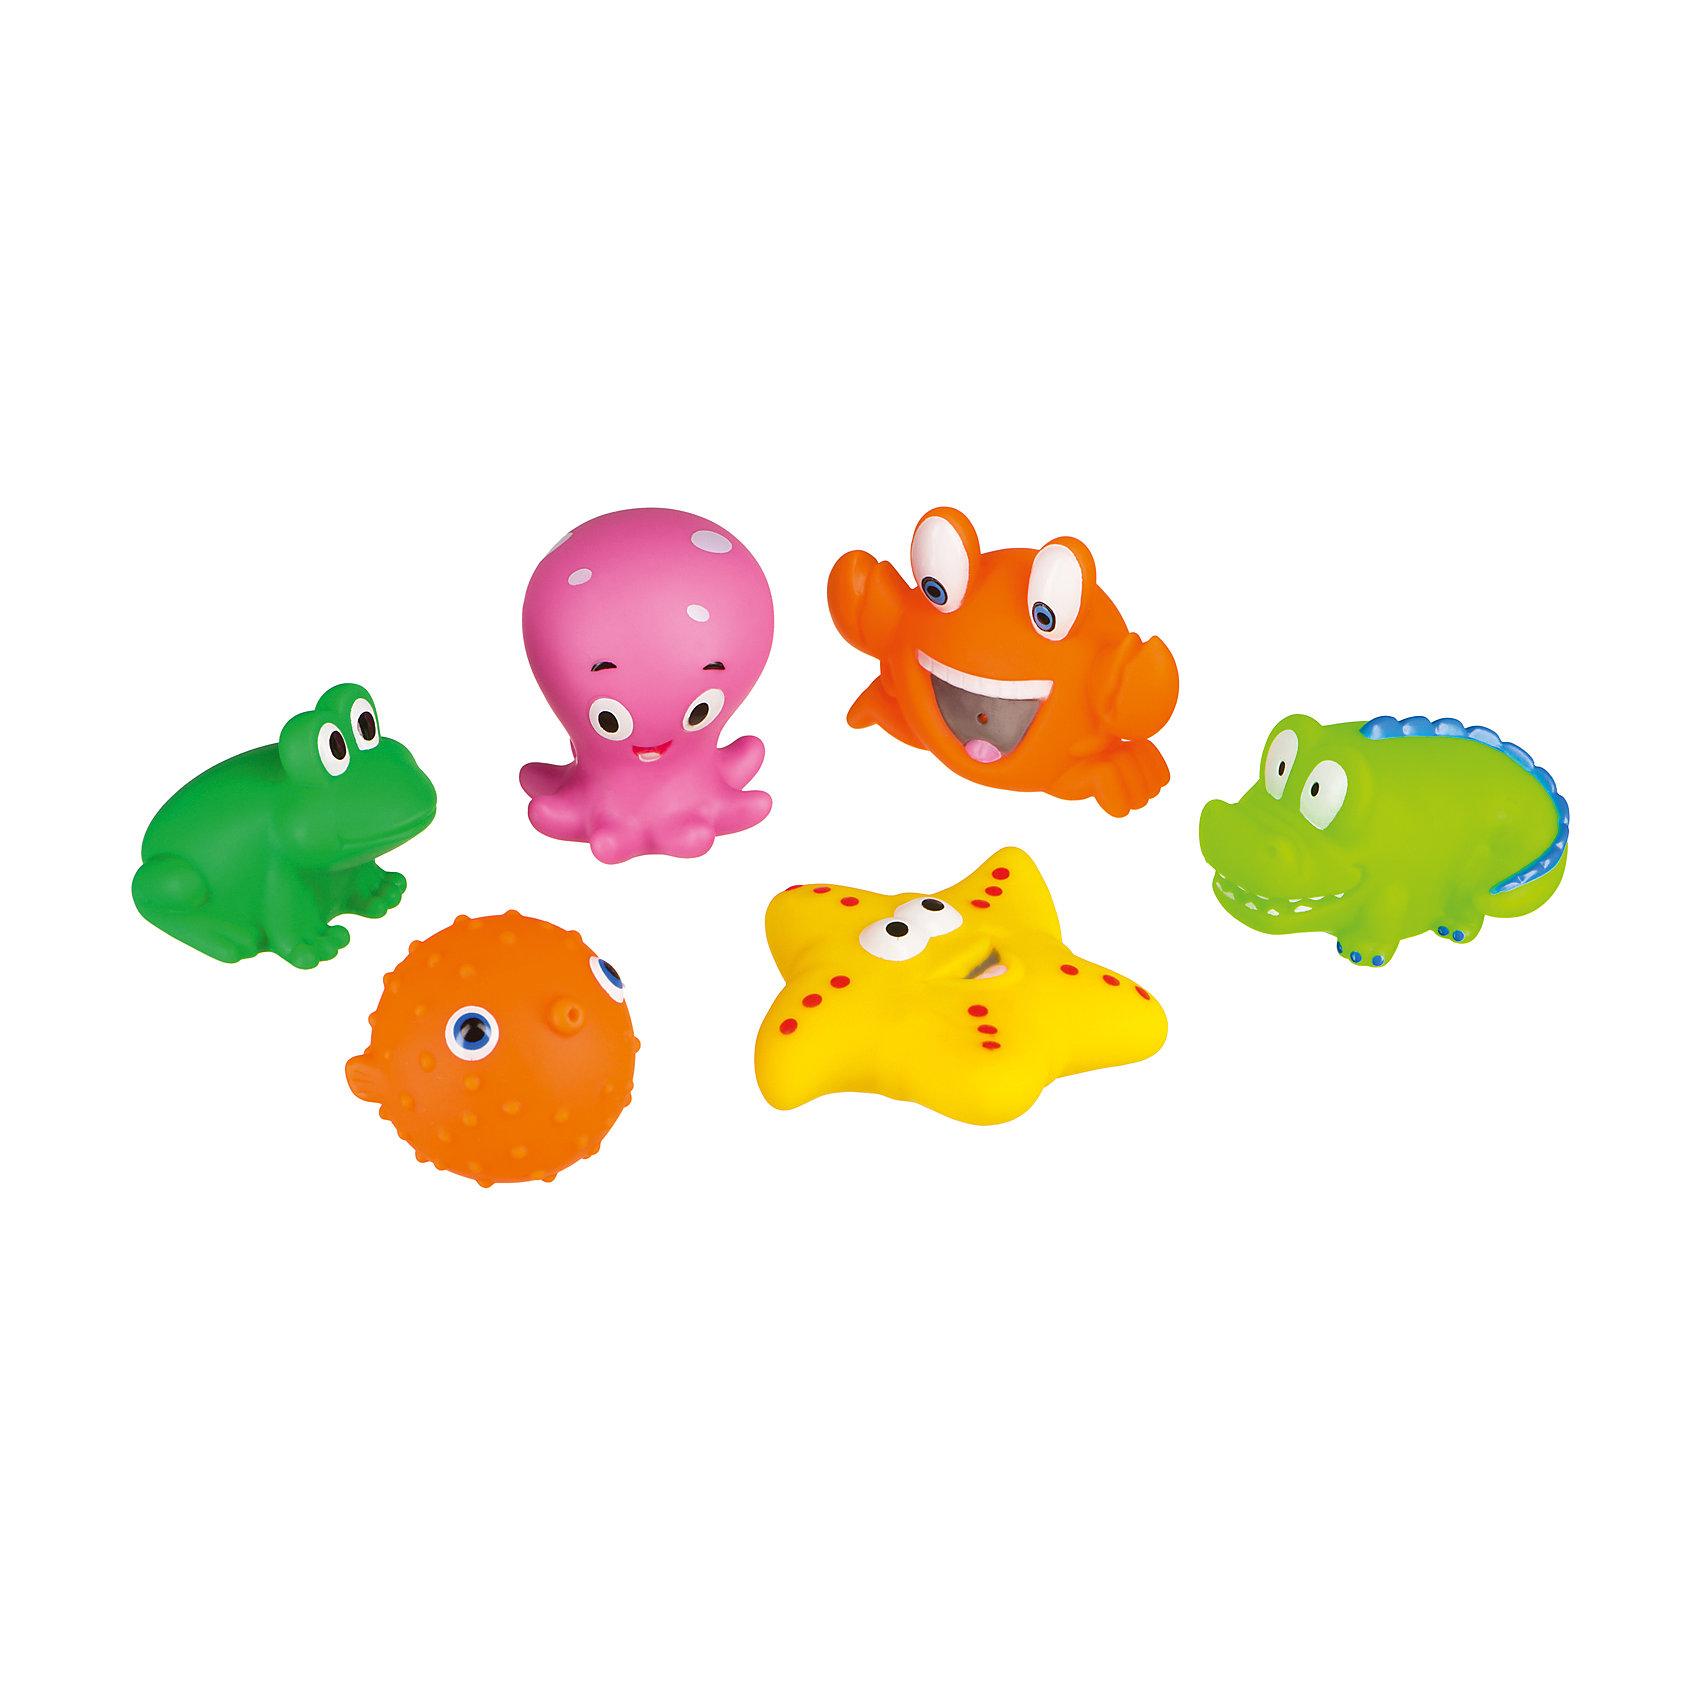 Набор ПВХ-игрушек для купания Water funИгрушки ПВХ<br>Характеристики:<br><br>• Предназначение: для игр в ванной, для развивающих игр<br>• Материал: поливинилхлорид <br>• Вес: 152 г<br>• Размеры (Д*В*Ш): 8*1,7*1,4 см<br>• Упаковка: сетка<br>• Особенности ухода: можно мыть в теплой мыльной воде<br><br>Набор ПВХ-игрушек для купания WATER FUN – это многофункциональная игрушка, предназначенная для игр с водой или песком, а также для развивающих занятий. Набор состоит из игрушек, выполненных в виде морских обитателей и земноводных. Все животные  изготовлены из ПВХ, который отличается мягкостью, но при этом прочностью. Не вызывает аллергических реакций и не имеет запаха. <br><br>Имеющиеся отверстия в игрушках позволяют набирать в них воду и запускать струйки. С помощью этого набора ребенок может познакомиться не только с богатым подводным миром, но и изучить разные цвета и формы. Набор ПВХ-игрушек для купания WATER FUN сделает купание вашего малыша не только приятным и увлекательным, но и познавательным времяпрепровождением.<br><br>Набор ПВХ-игрушек для купания WATER FUN можно купить в нашем интернет-магазине.<br><br>Ширина мм: 140<br>Глубина мм: 150<br>Высота мм: 150<br>Вес г: 152<br>Возраст от месяцев: 6<br>Возраст до месяцев: 36<br>Пол: Унисекс<br>Возраст: Детский<br>SKU: 4974826